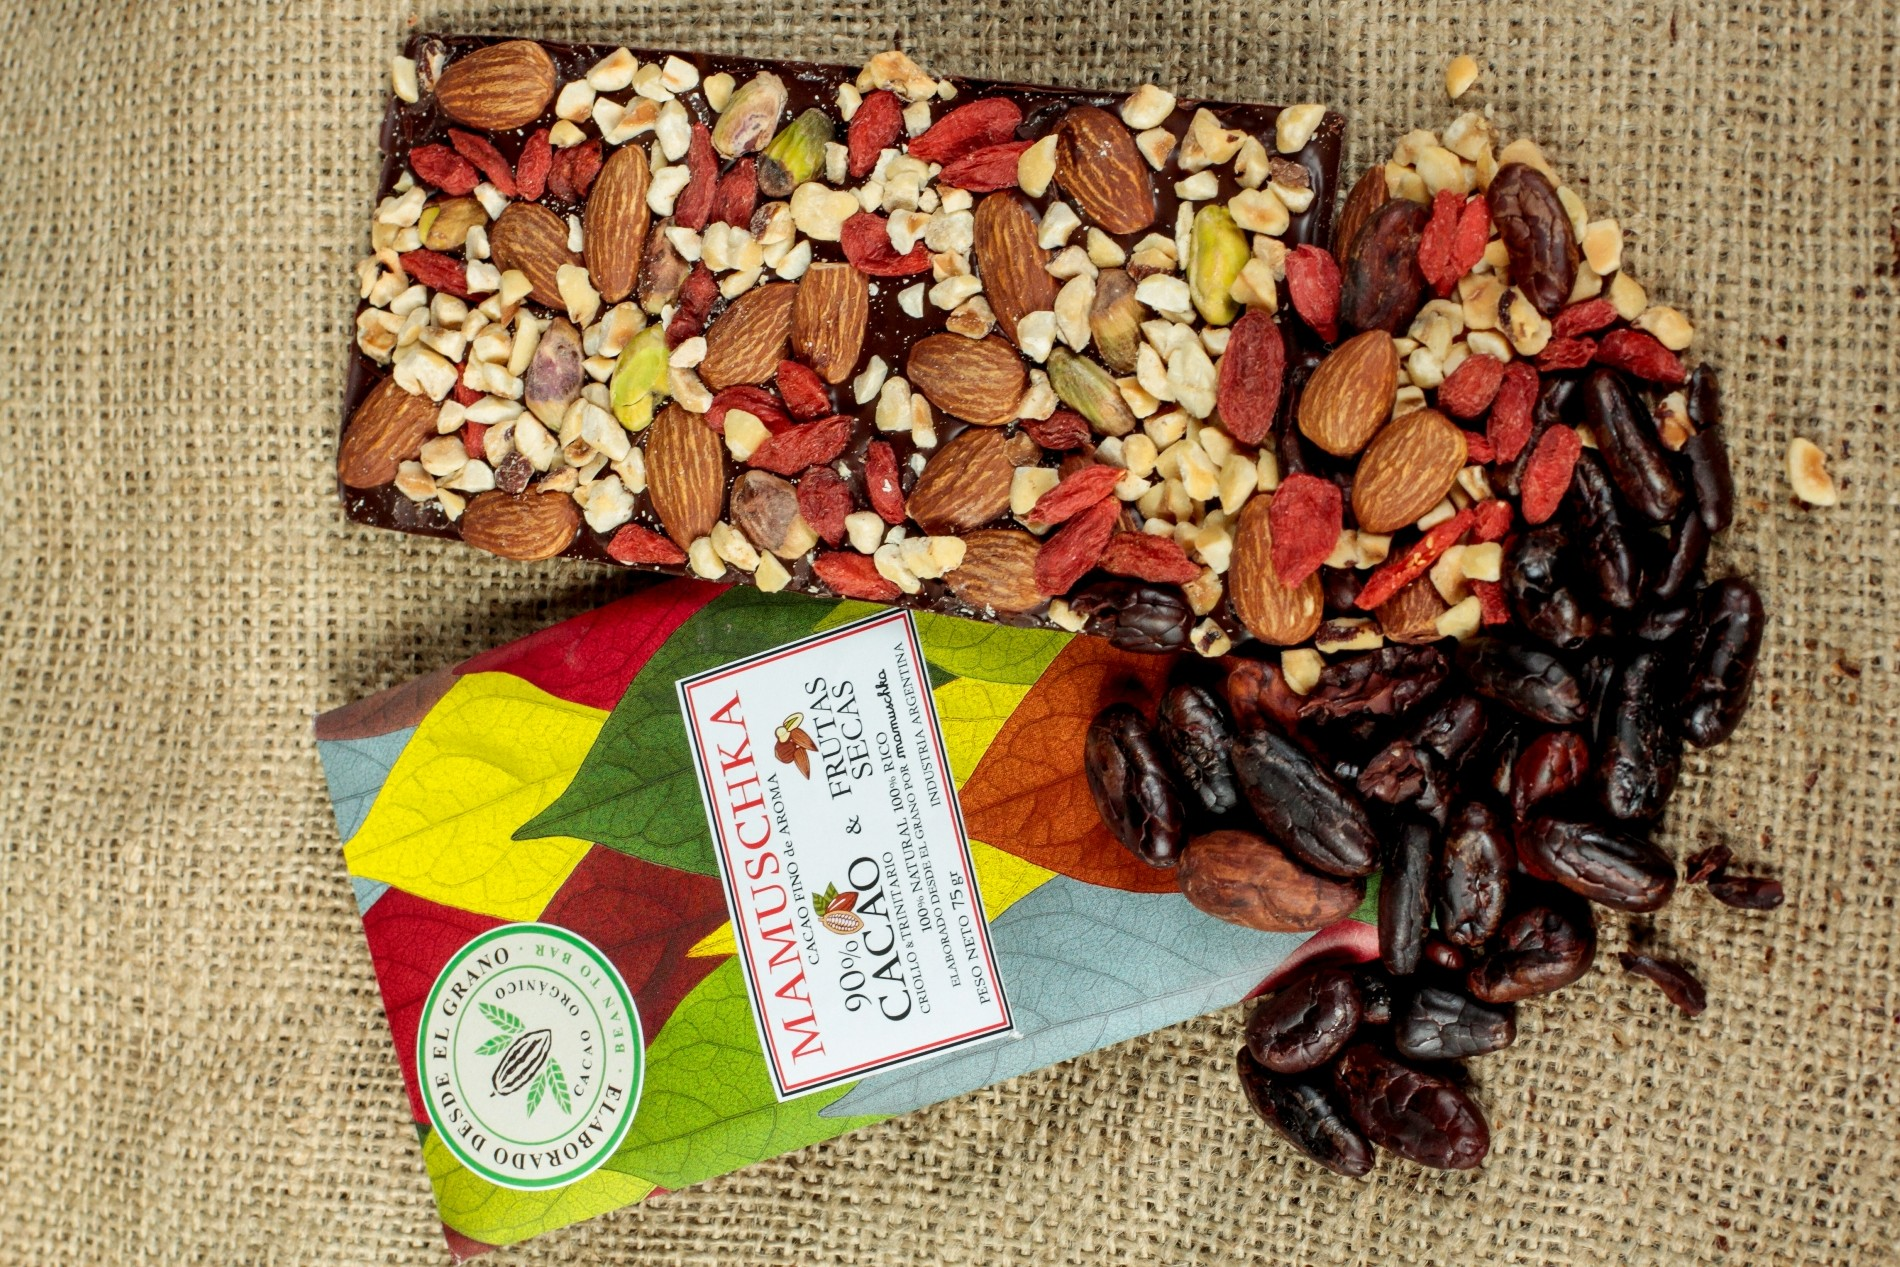 90 cacao y frutas